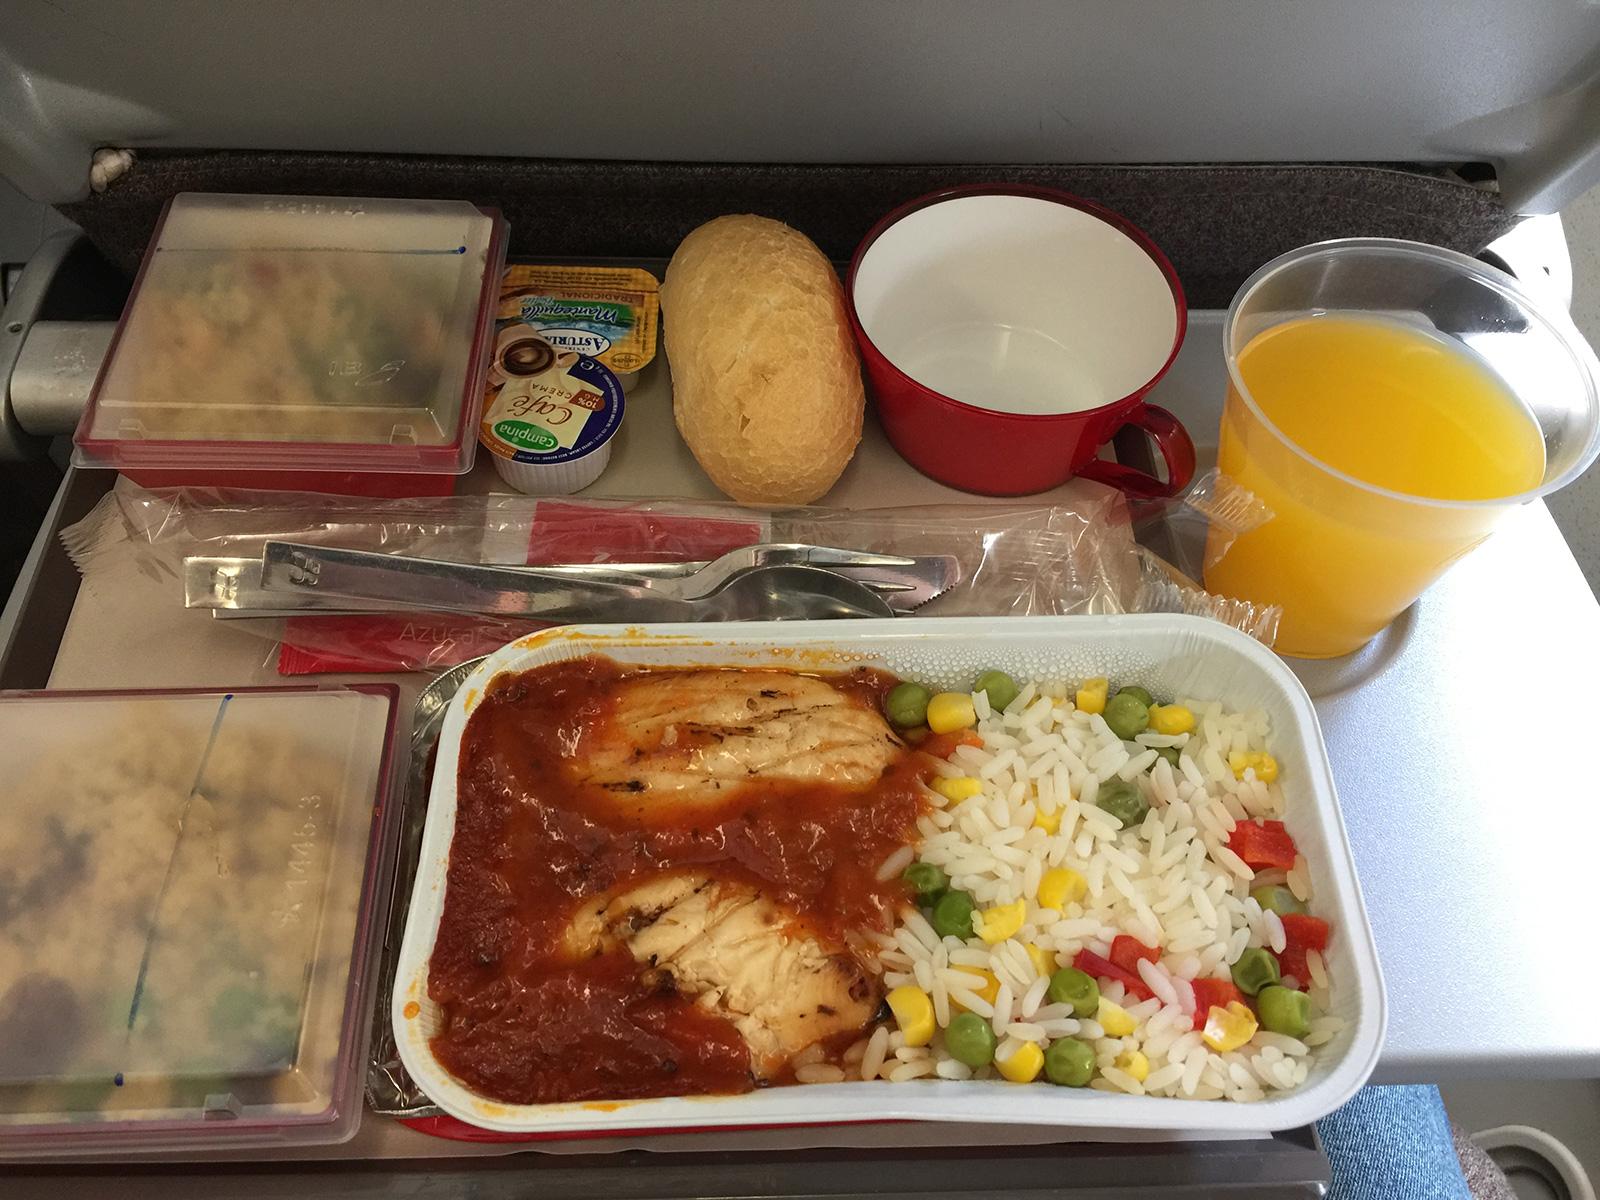 Almuerzo a bordo de un Vuelo de Iberia